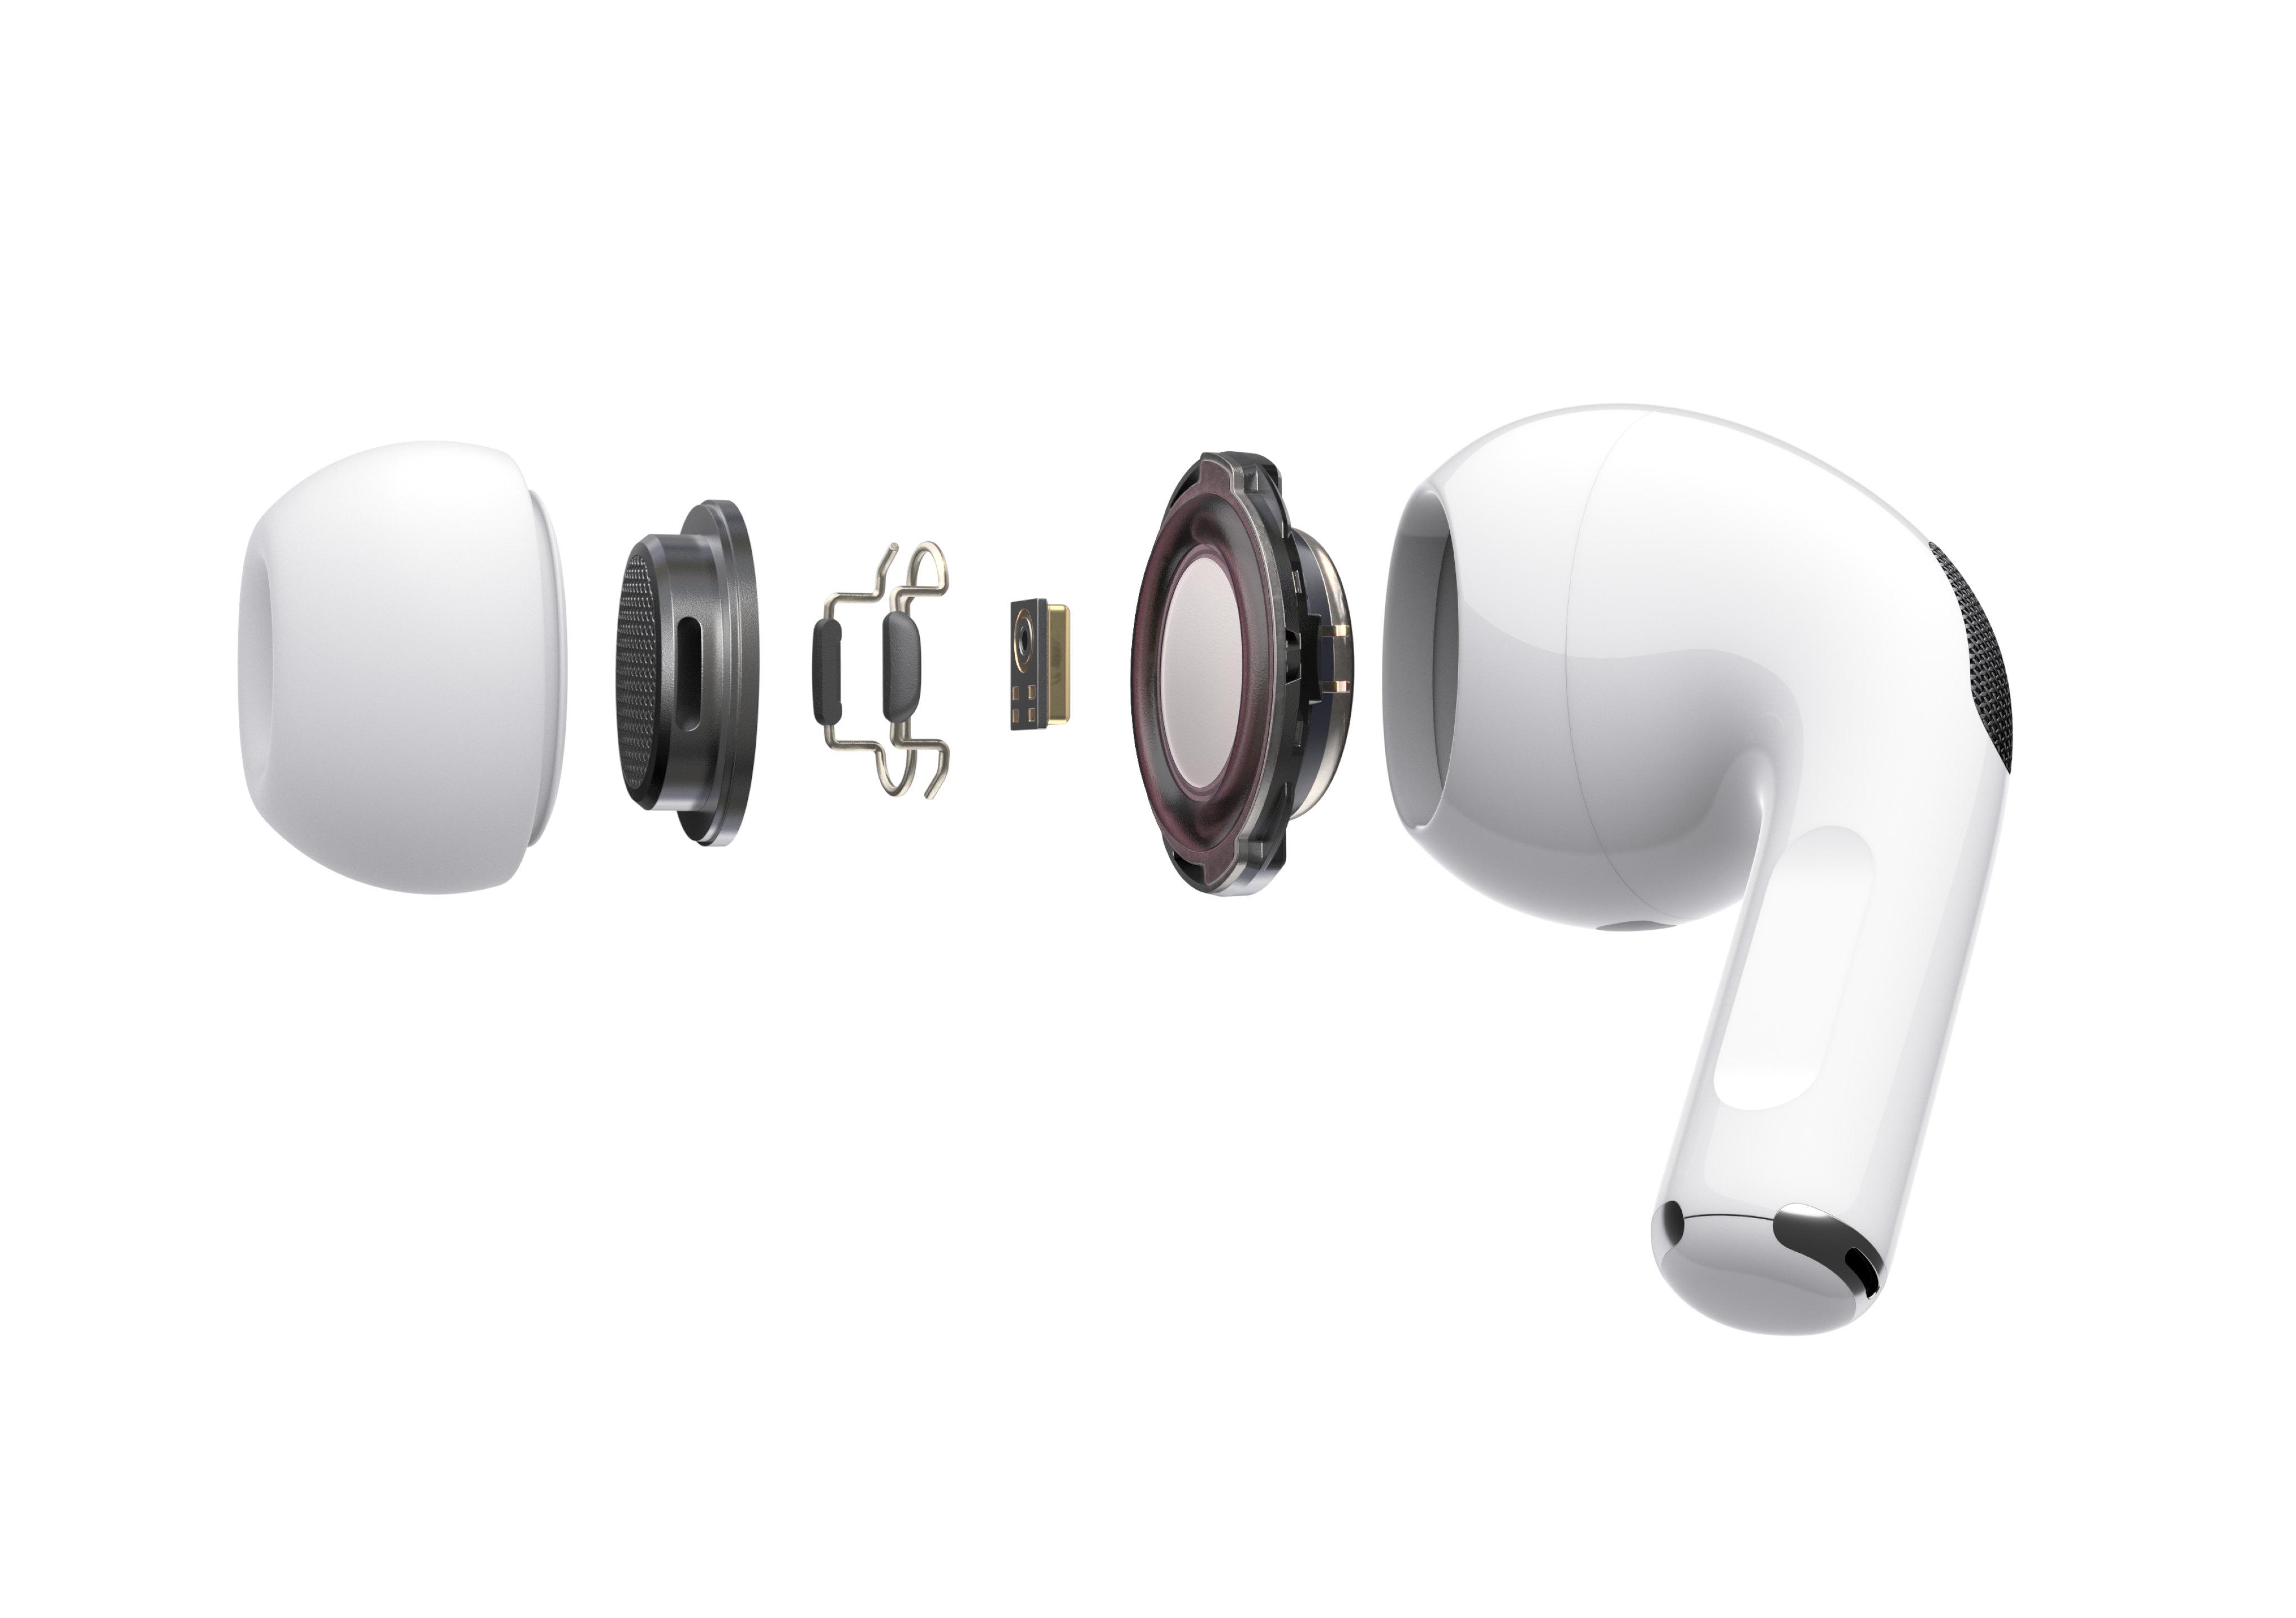 Обзор AirPods Pro_лучшие полностью беспроводные наушники от Apple - как устроены наушники